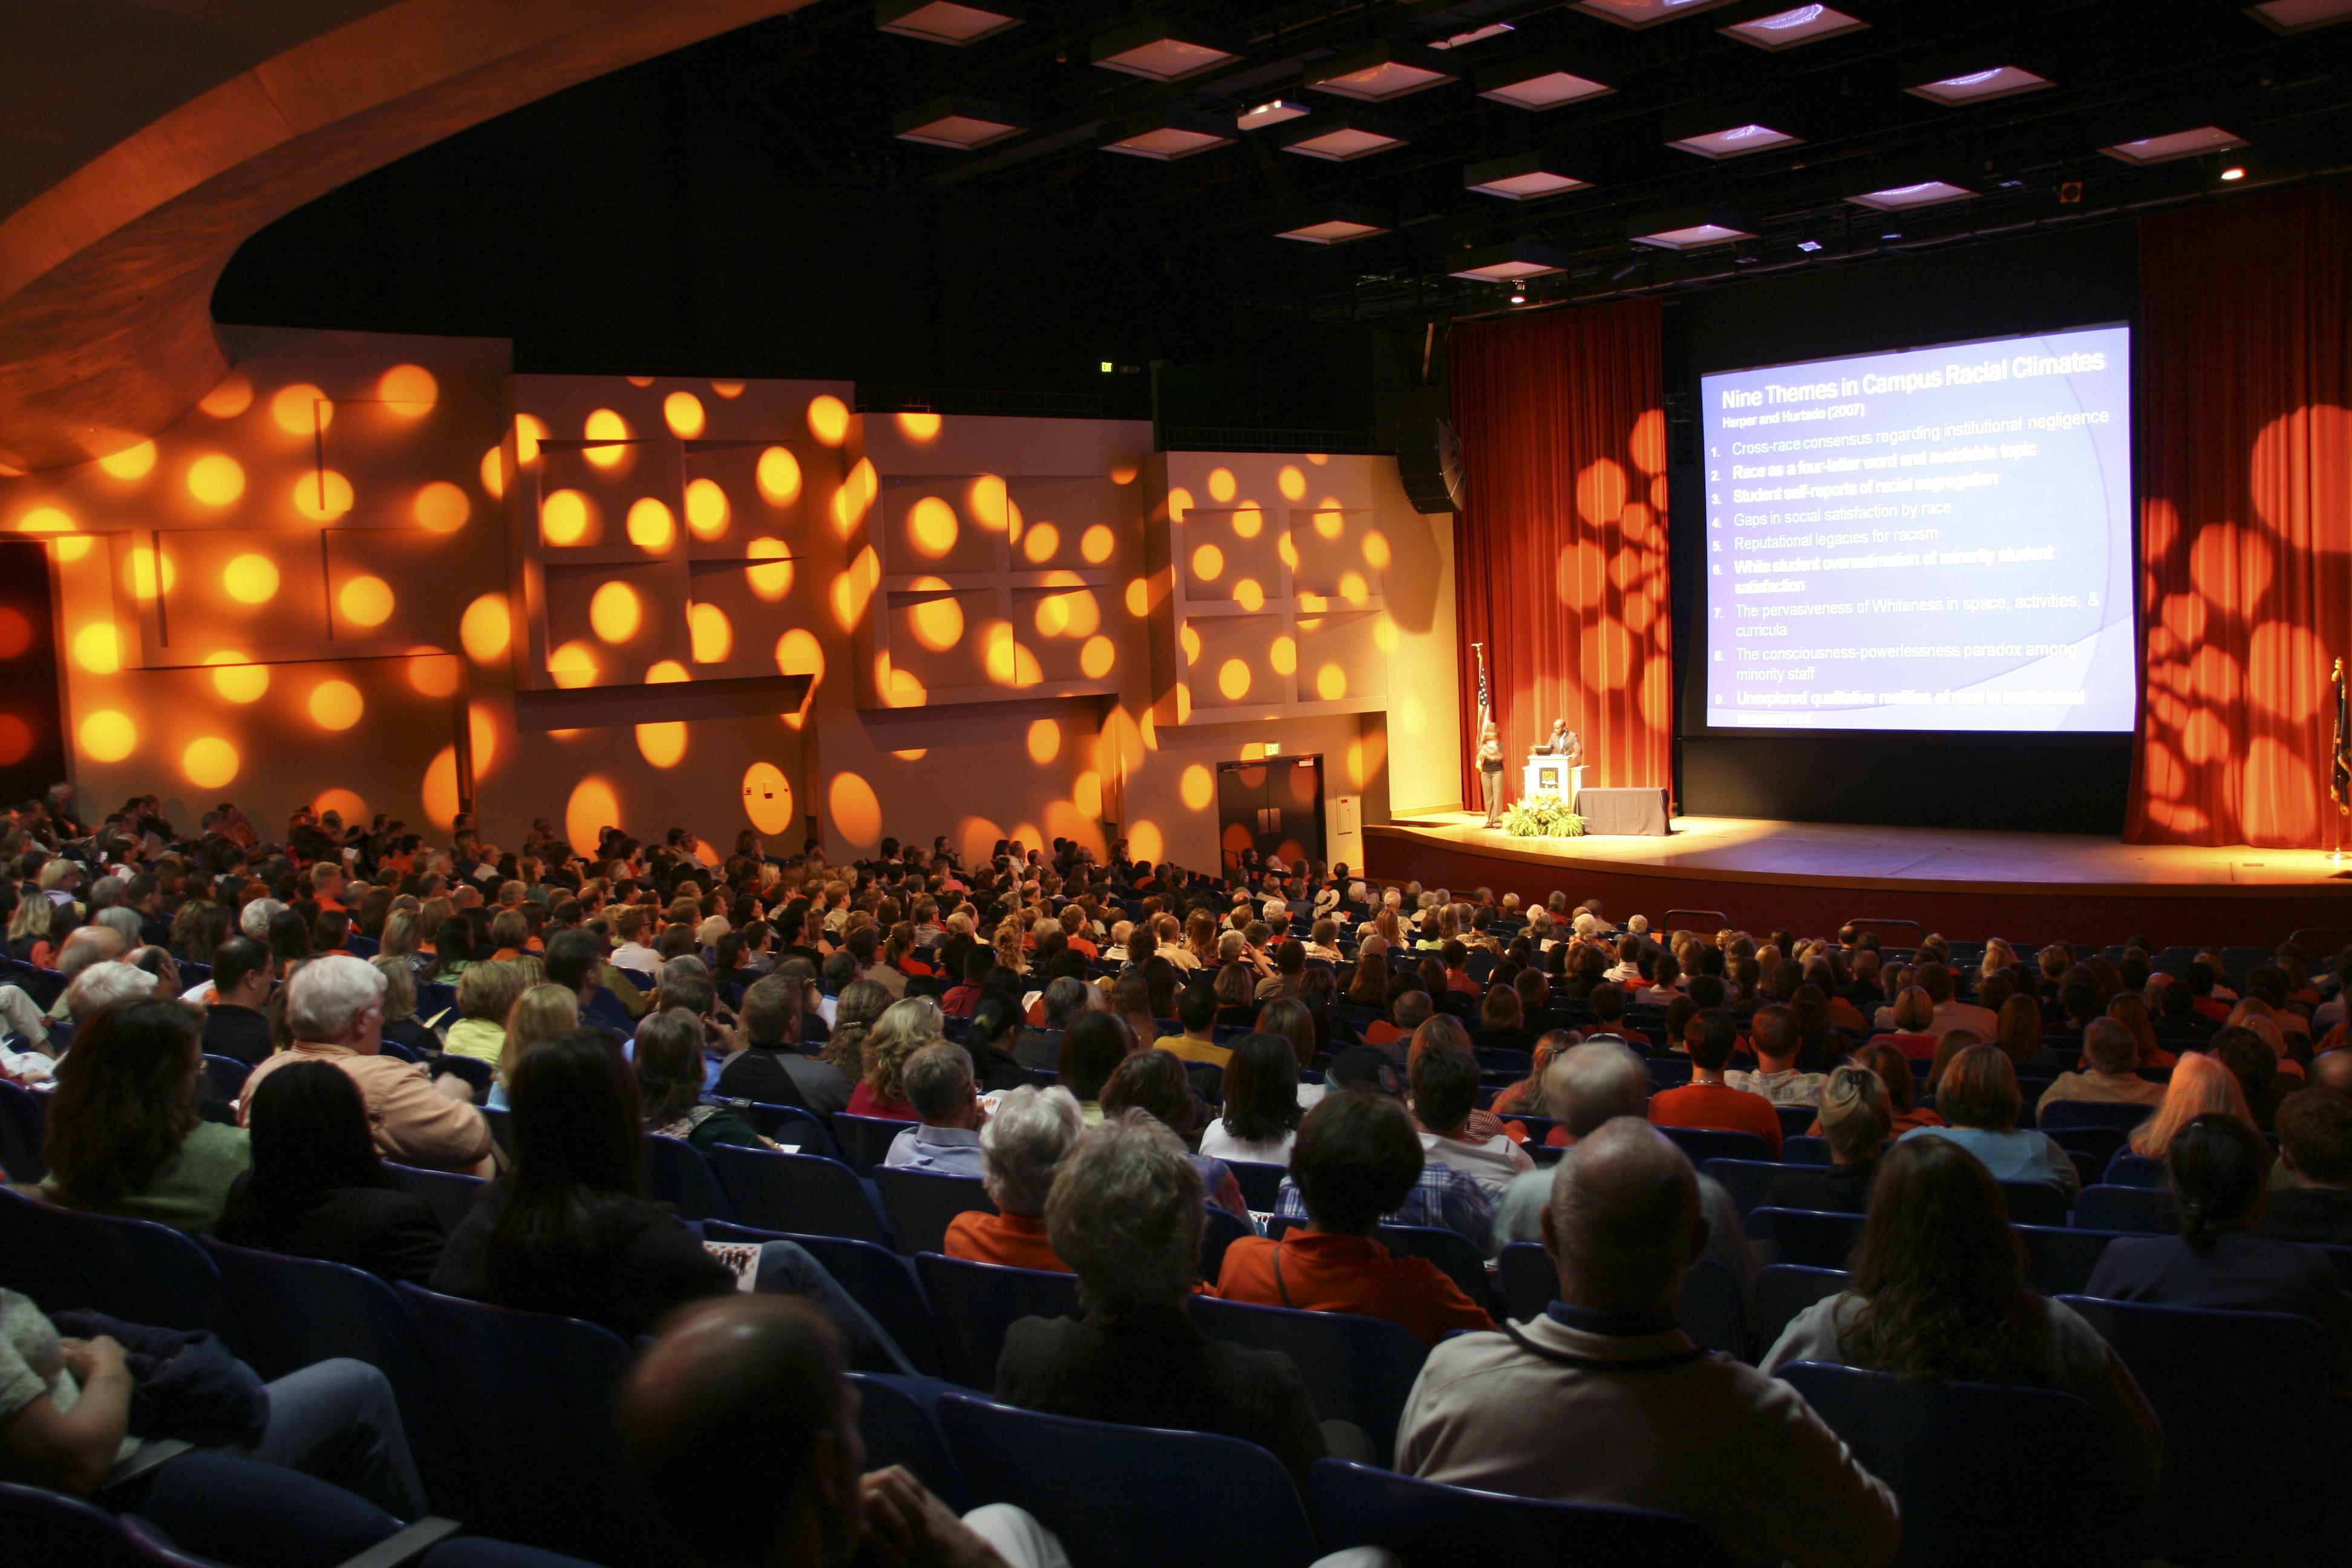 amplificazione e diffusione audio e regie audio per sale convegni, sale concerti, auditorium e simili.